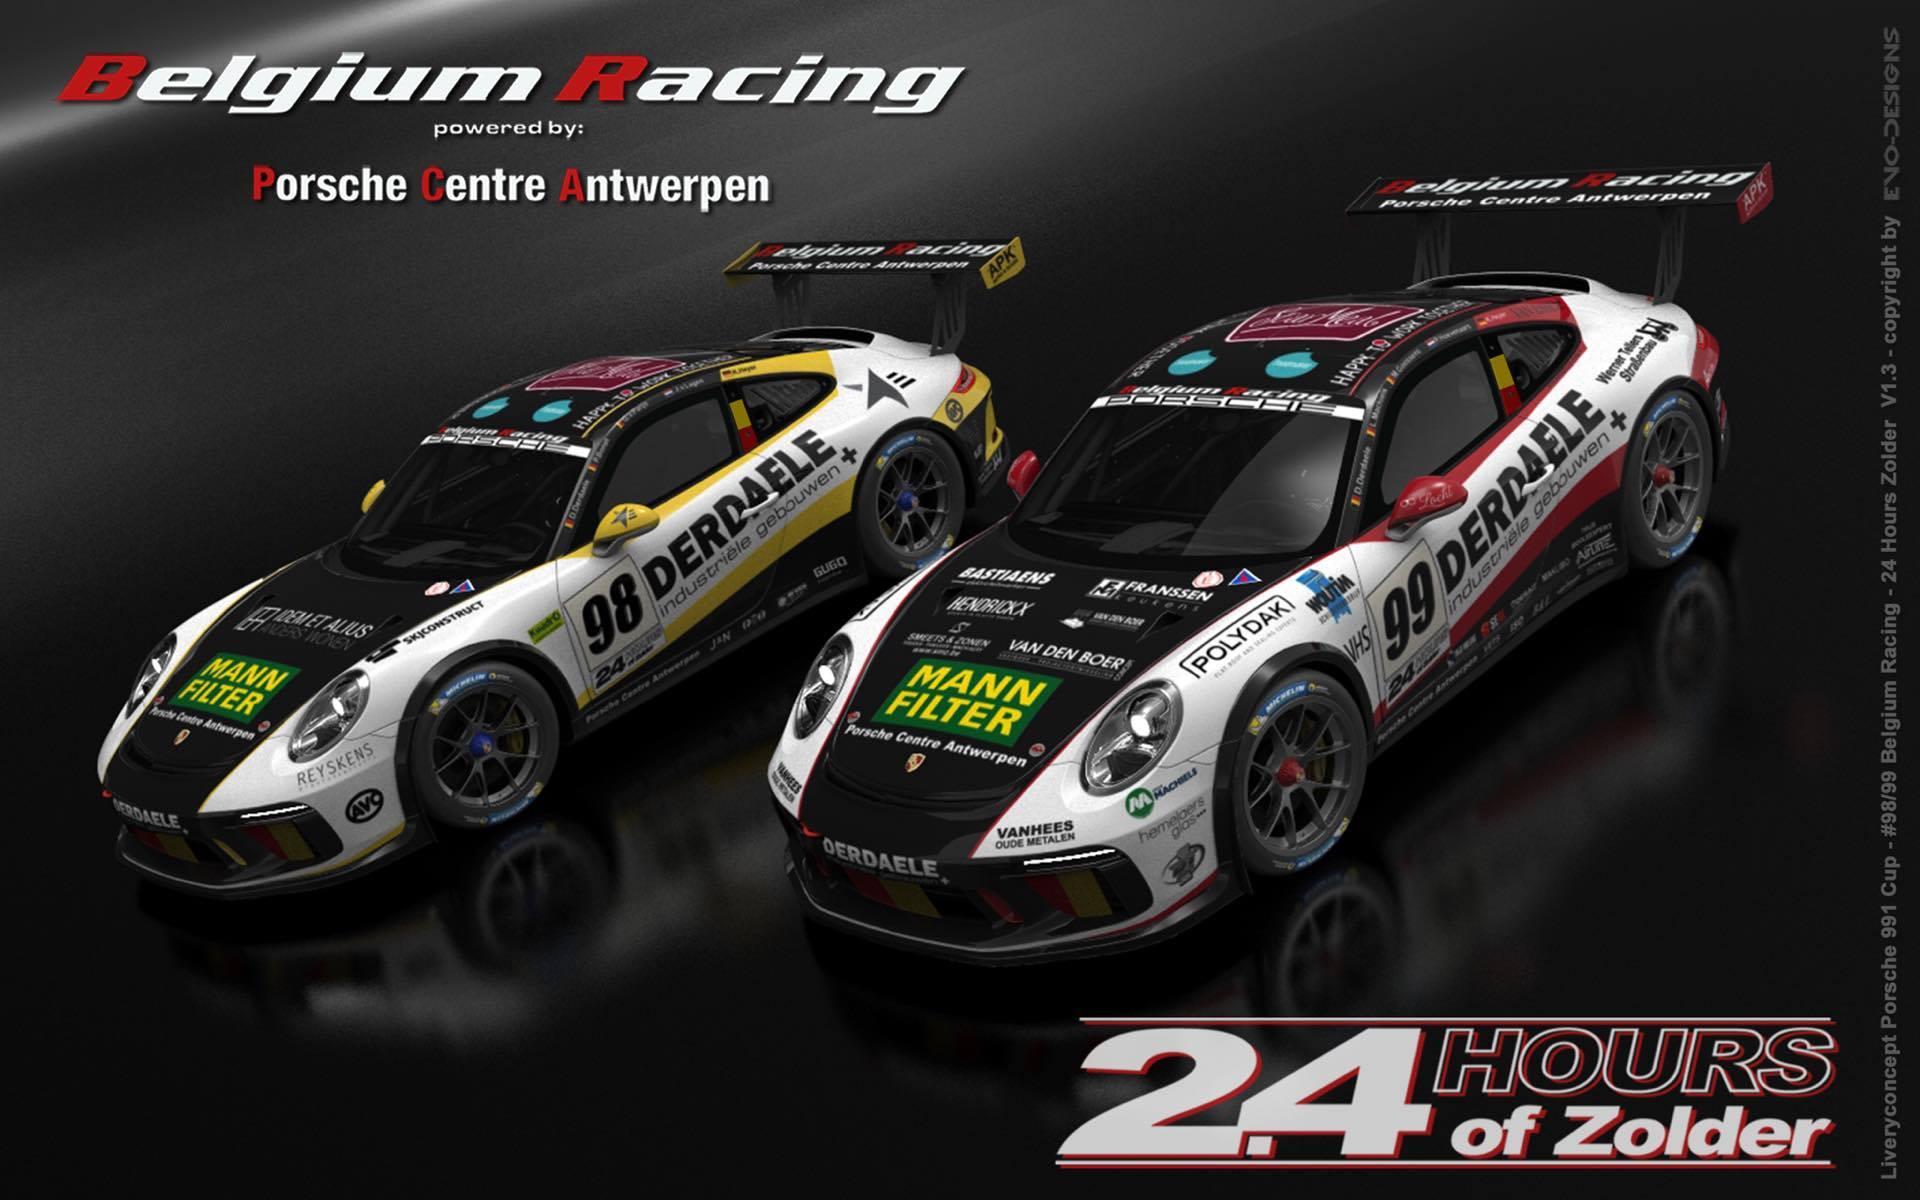 Belgium Racing ambieert vijfde zege op rij